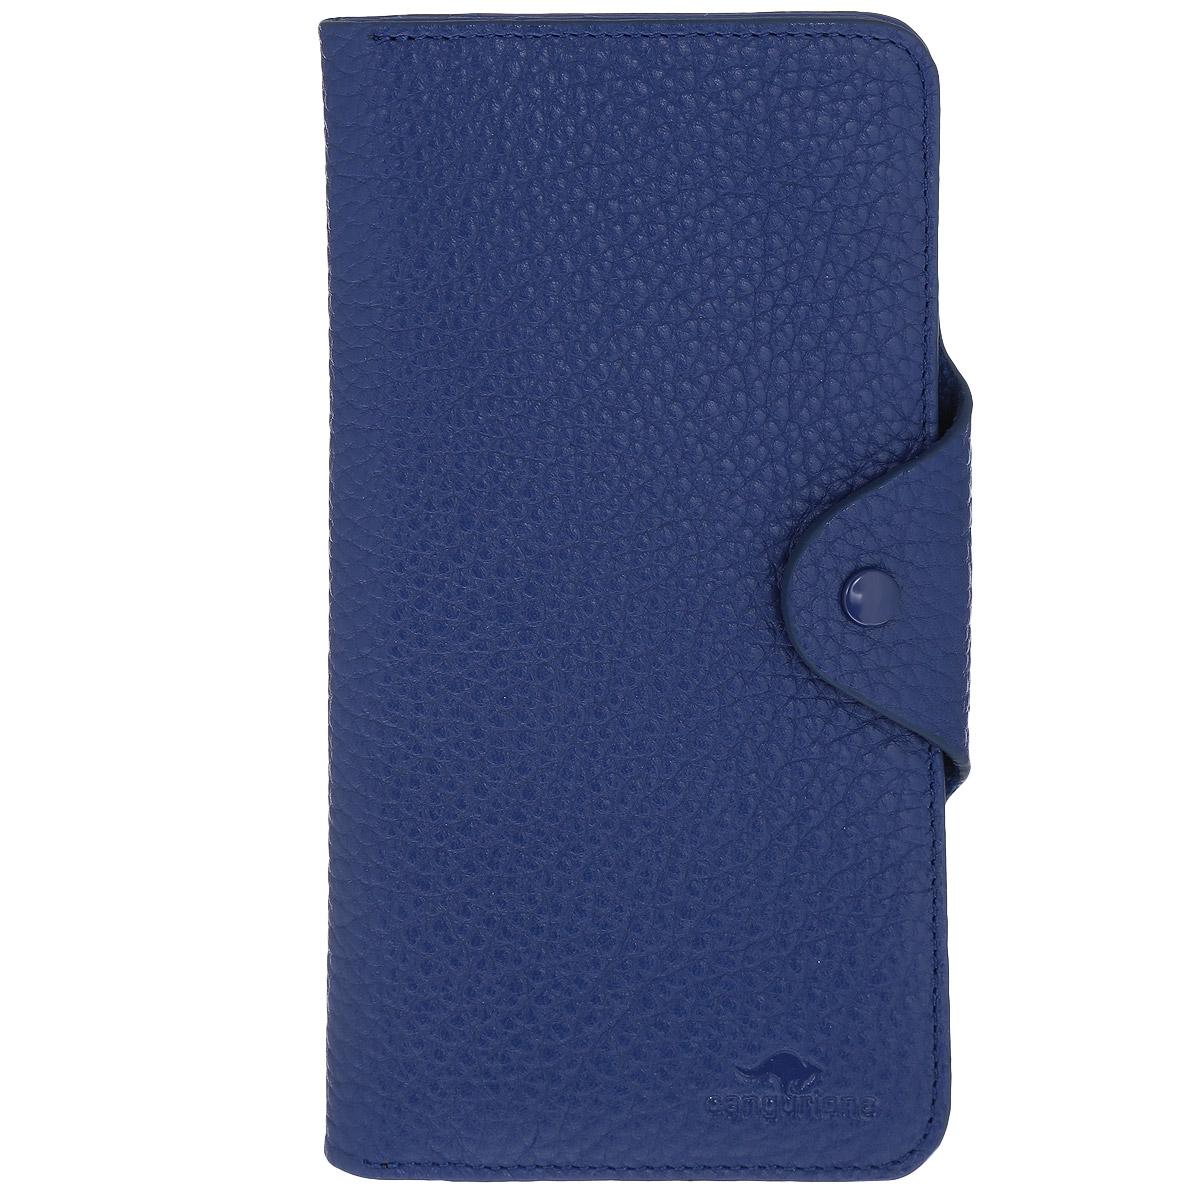 Портмоне Cangurione, цвет: синий. 2103-015 F/Blue1-022_516Мягкое портмоне Cangurione выполнено из натуральной высококачественной кожи с естественной лицевой и внутренней поверхностью. Портмоне имеет 6 отделений для купюр. Также внутри расположены 16 горизонтальных открытых карманов для банковских карт и визиток и 2 горизонтальных открытых кармана с полупрозрачным окошком-сеточкой. Портмоне оснащено клапаном для фиксации бумаг и документов и дополнено внутренним карманом для мелочи на застежке-молнии, которое также можно использовать для хранения купюр. Портмоне надежно закрывается на узкий клапан с кнопкой.Портмоне - это удобный и стильный аксессуар, необходимый каждому активному человеку для хранения денежных купюр, монет, визитных и пластиковых карт, а также небольших документов. Надежное портмоне Cangurione сочетает в себе классический дизайн и функциональность, и не только практично в использовании, но и станет отличным дополнением к любому стилю, и позволит вам подчеркнуть свою индивидуальность.Портмоне упаковано в подарочную коробку с логотипом производителя.